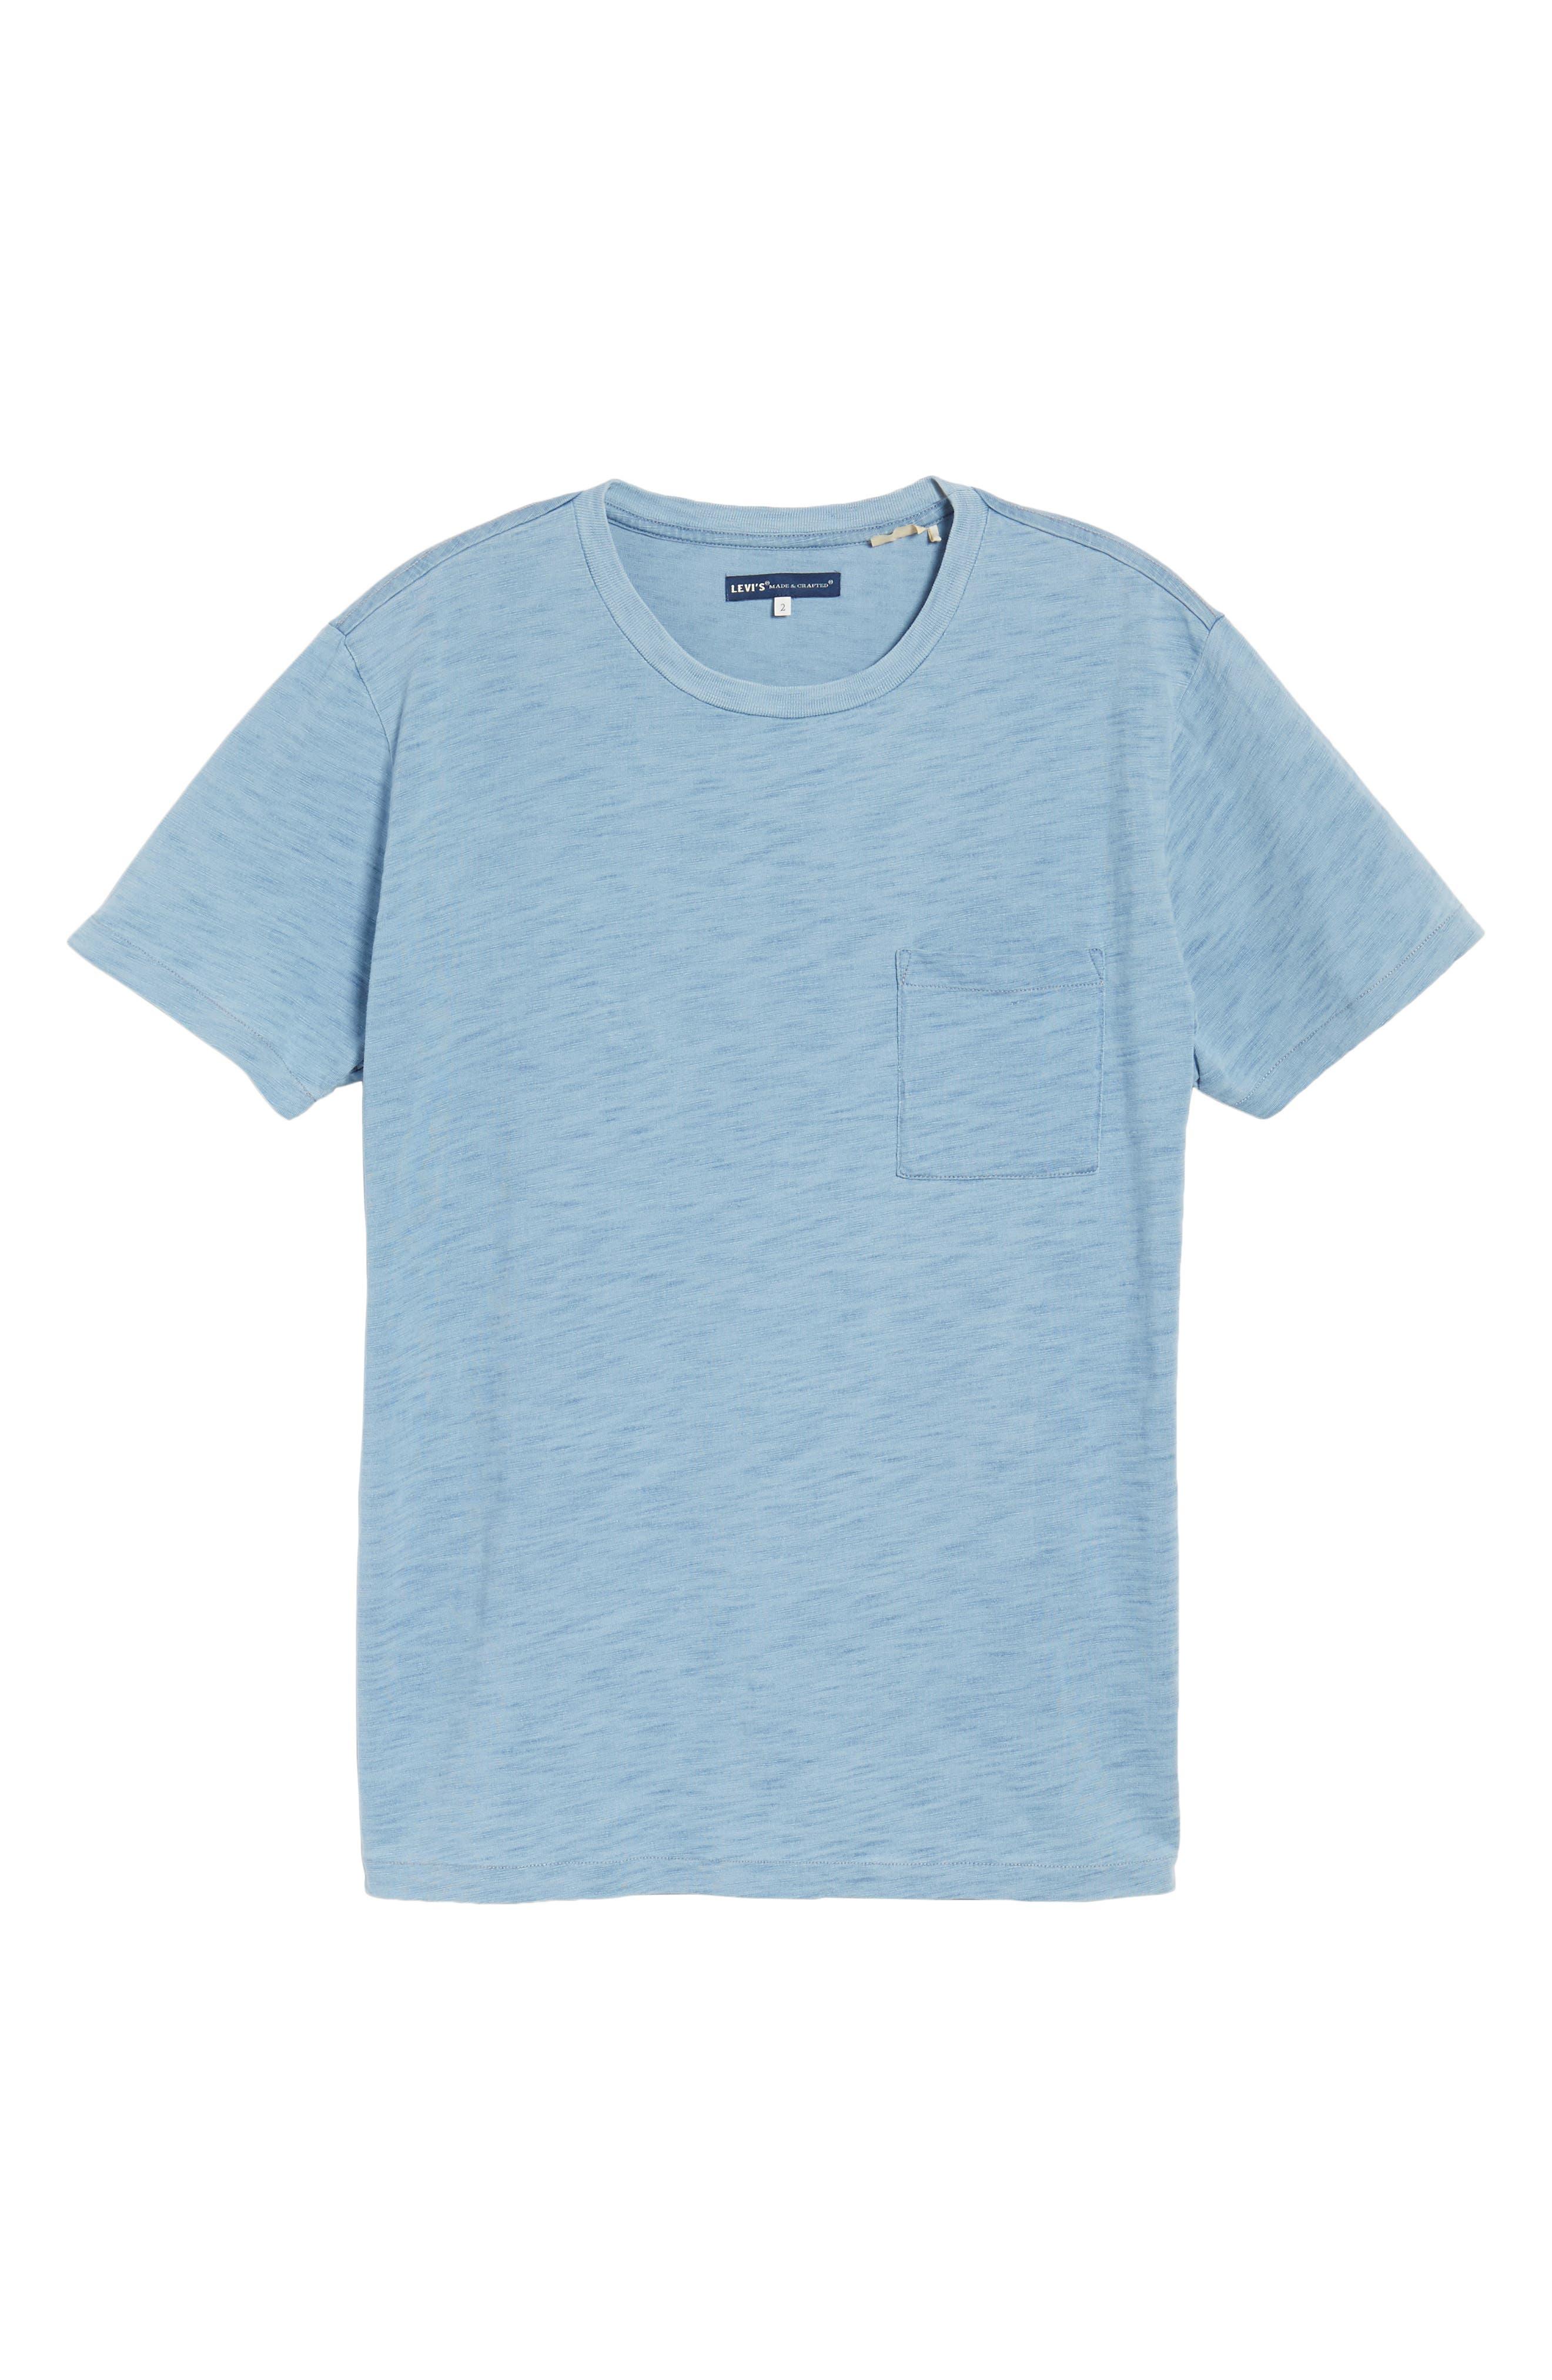 Pocket T-Shirt,                             Alternate thumbnail 6, color,                             420